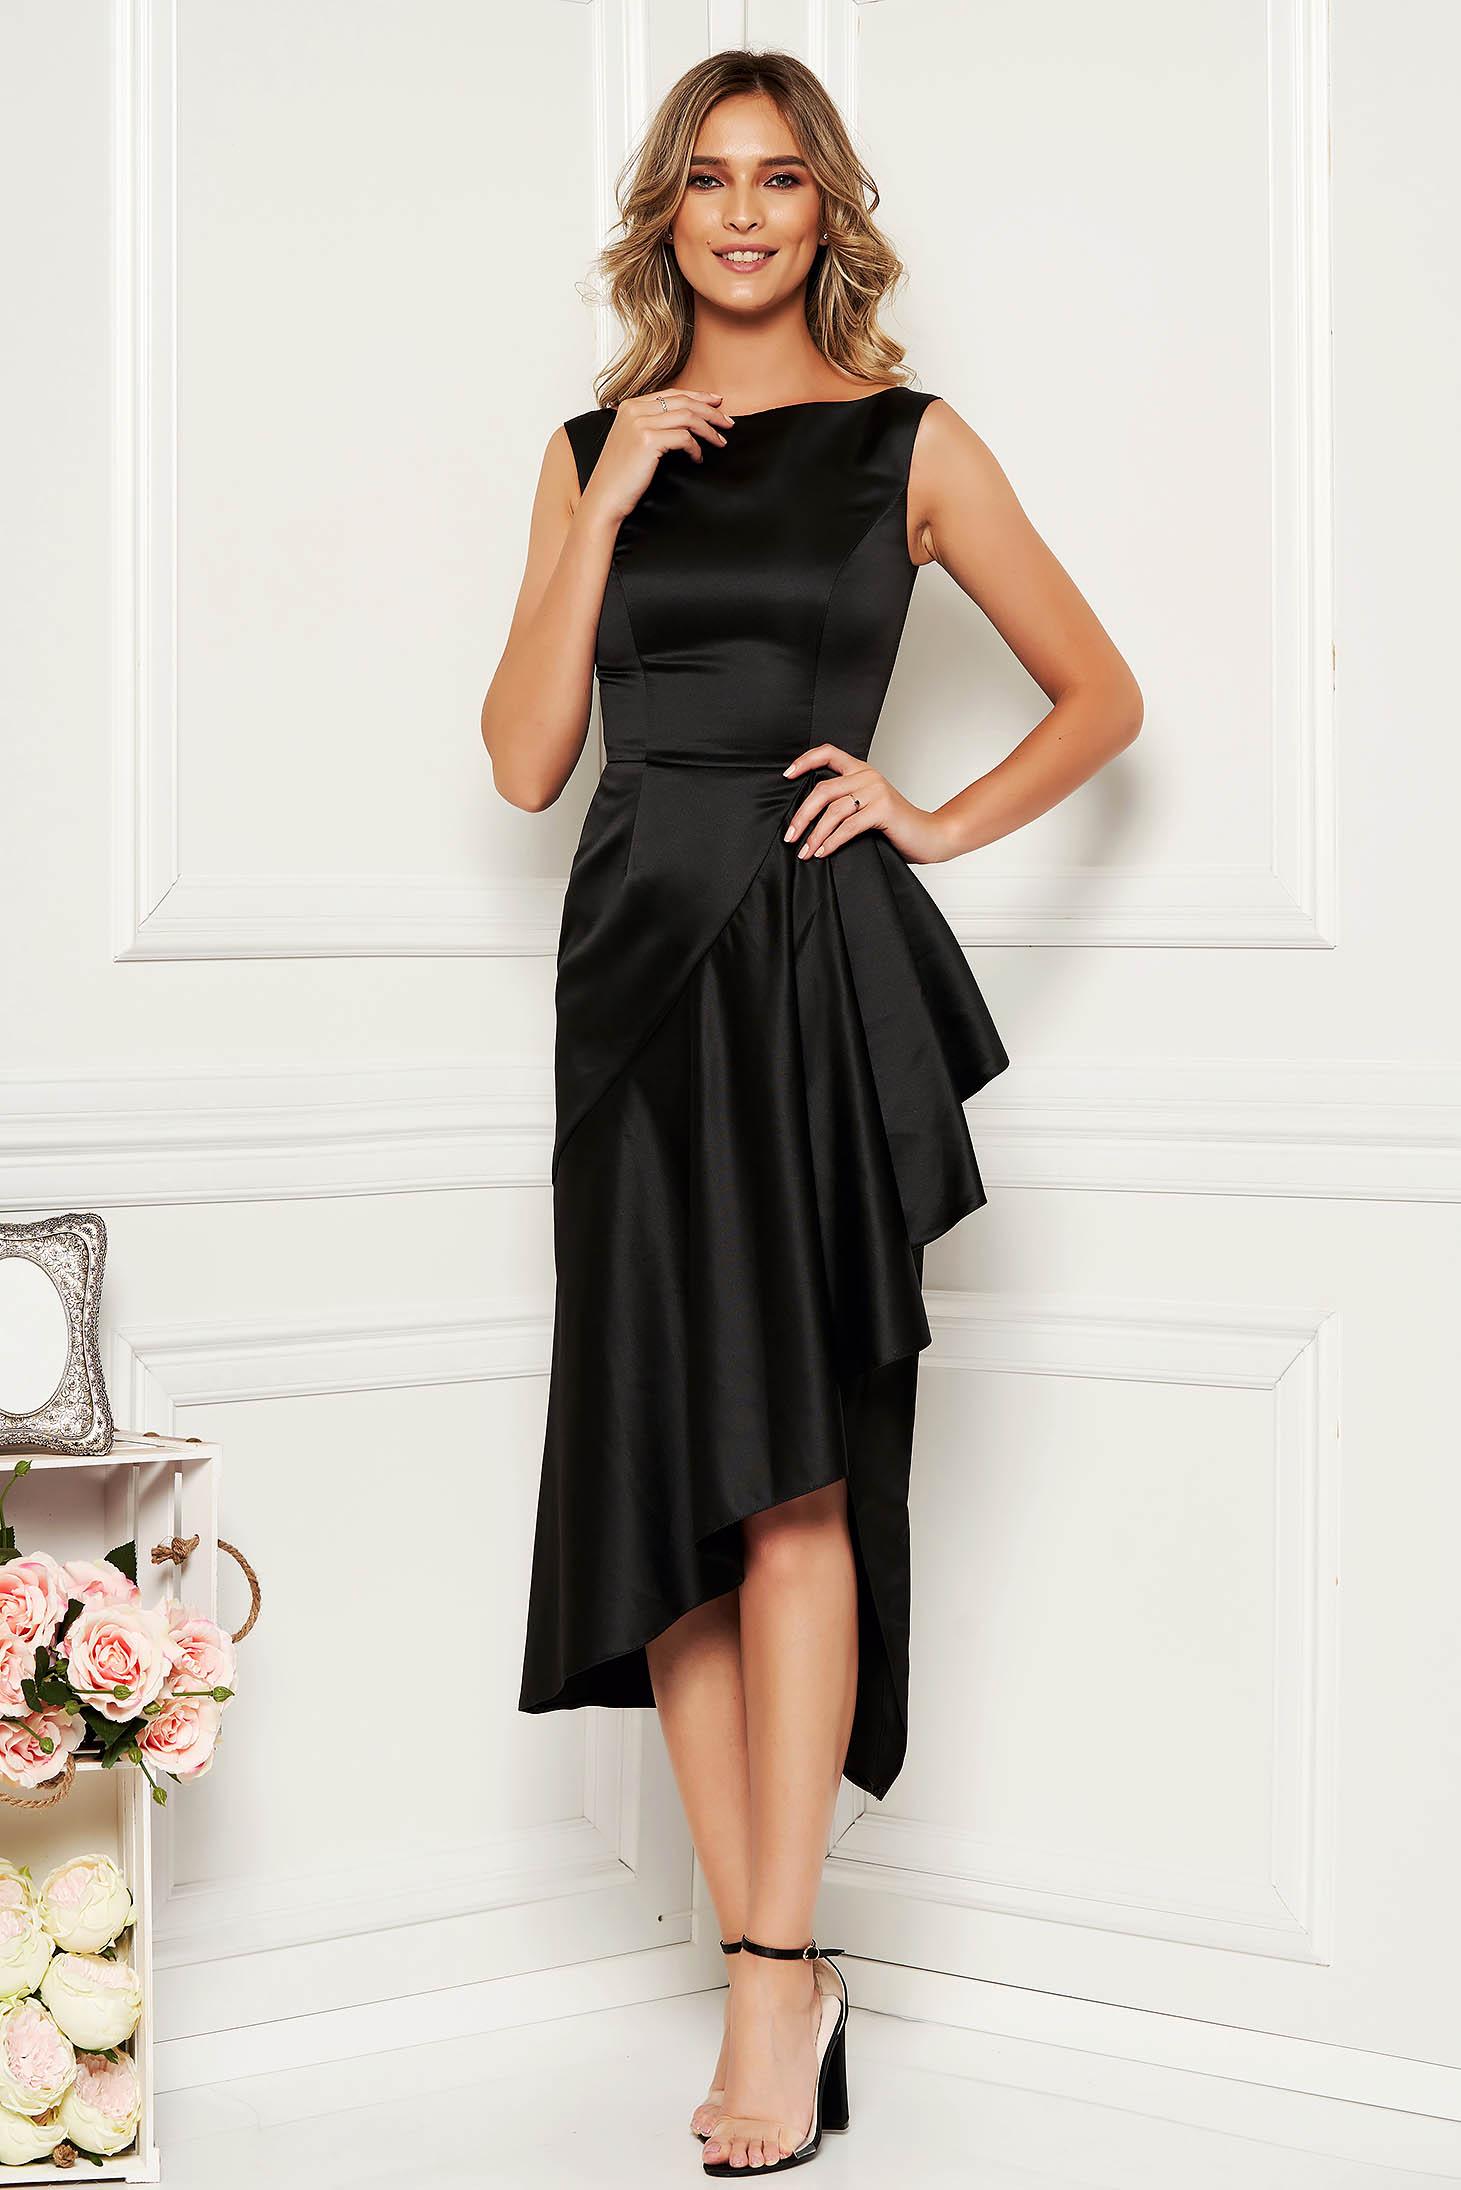 Fekete alkalmi ujj nélküli aszimetrikus ruha szatén anyagból fodrokkal